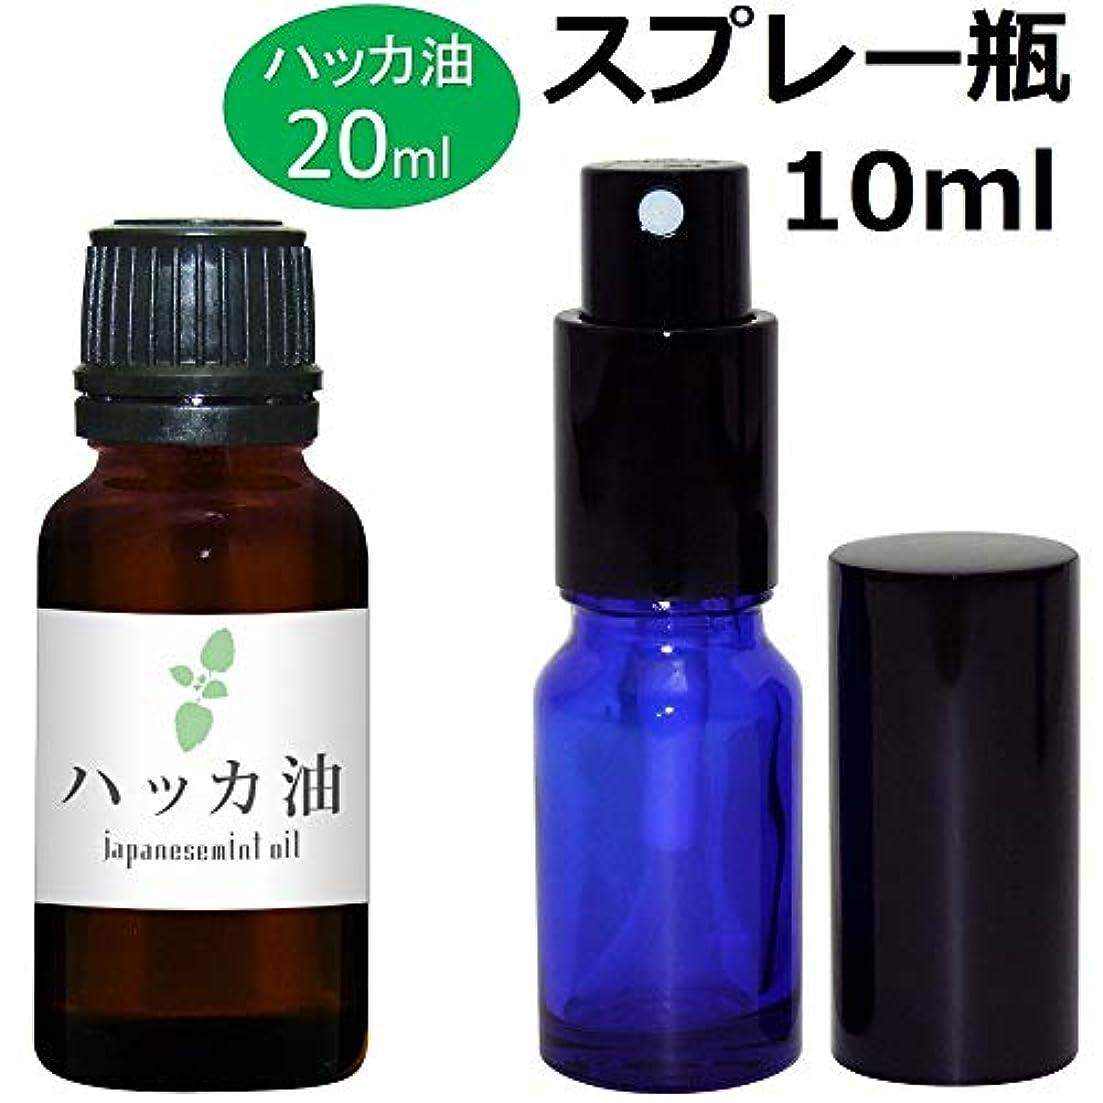 ソーダ水ターゲットメインガレージ?ゼロ ハッカ油 20ml(GZAK12)+ガラス瓶 スプレーボトル10ml/和種薄荷/ジャパニーズミント GSE533